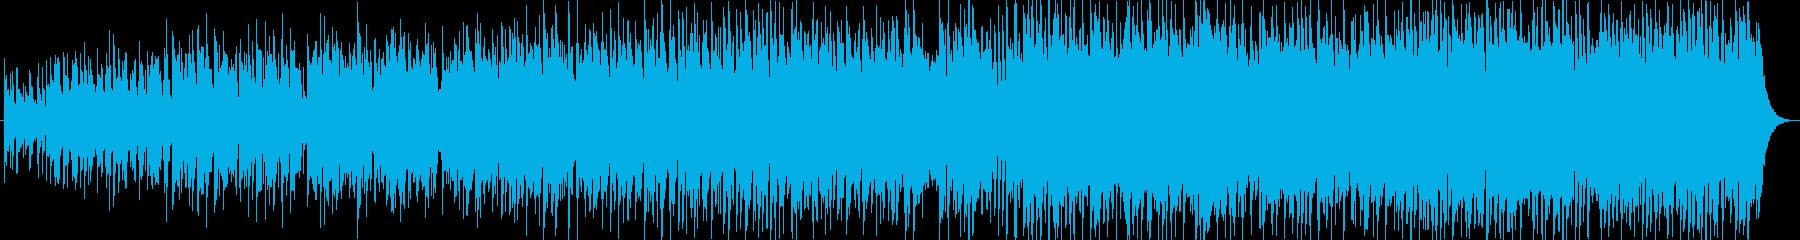 東南アジアの楽器、パーカッション多数使用の再生済みの波形